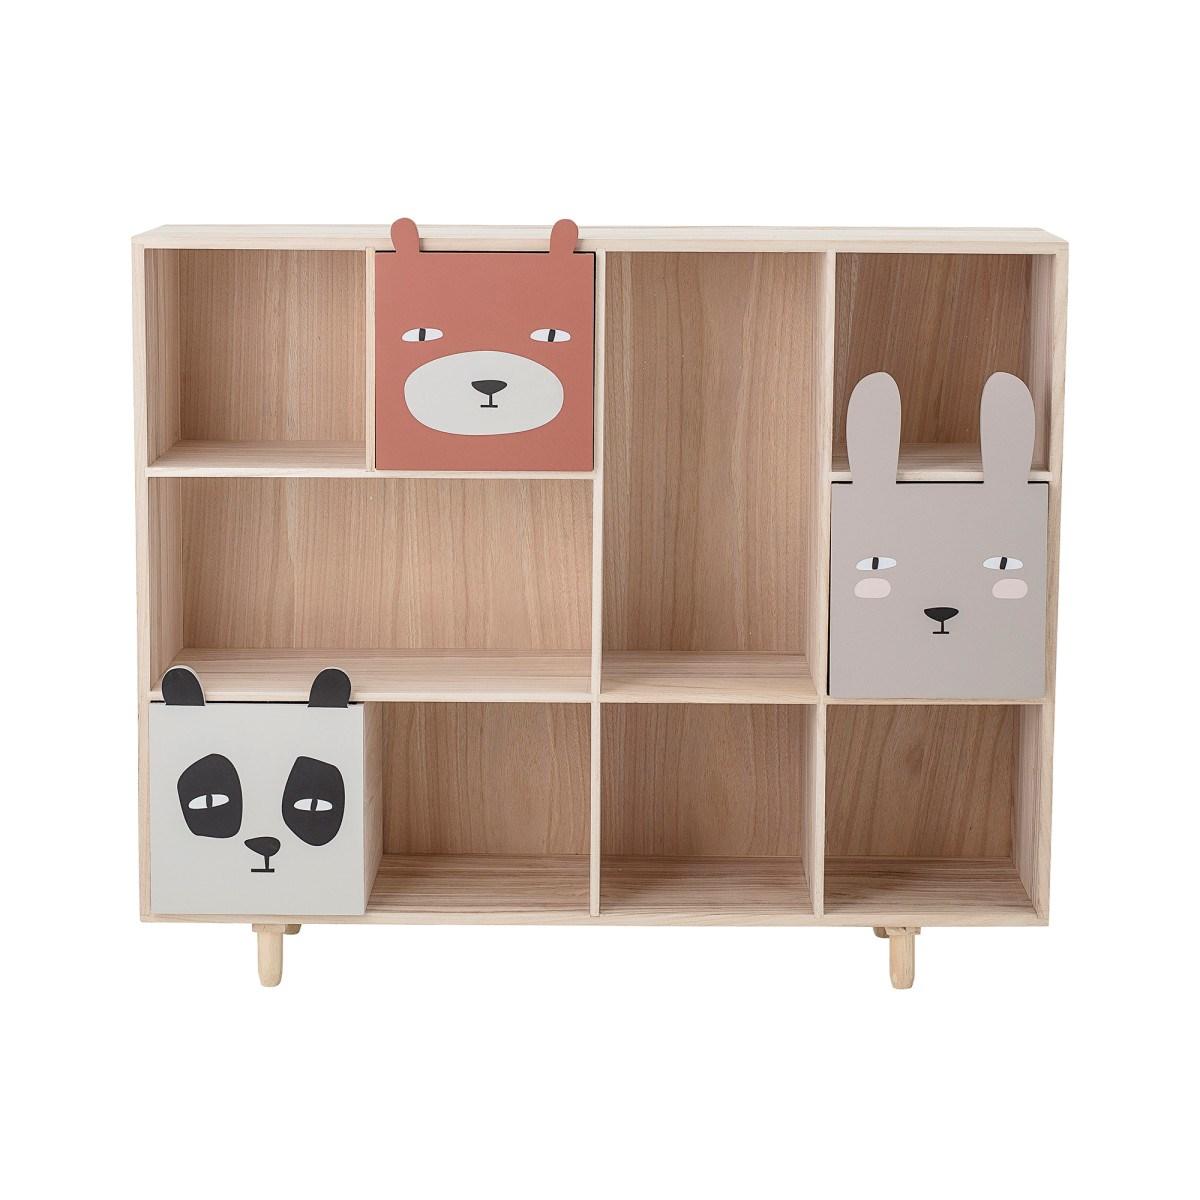 Dřevěná knihovna se třemi šuplaty 107x94 cm_4